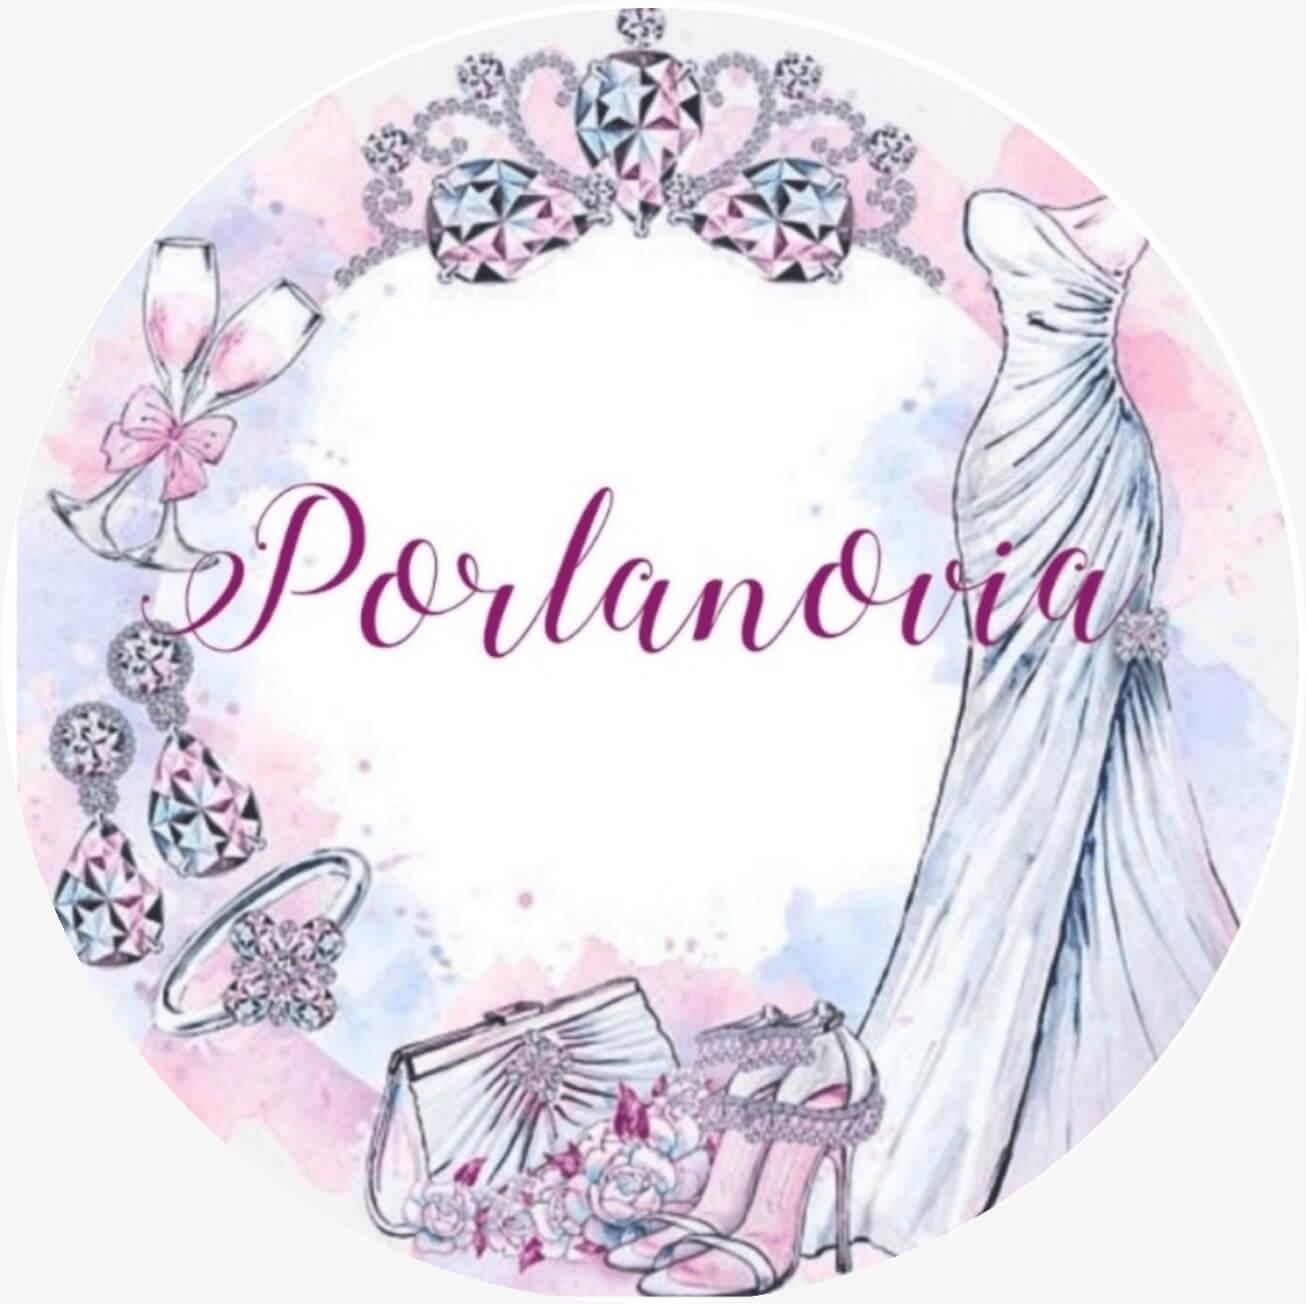 Regalos Personalizados  PorLaNovia - Regalos Personalizados  PorLaNovia